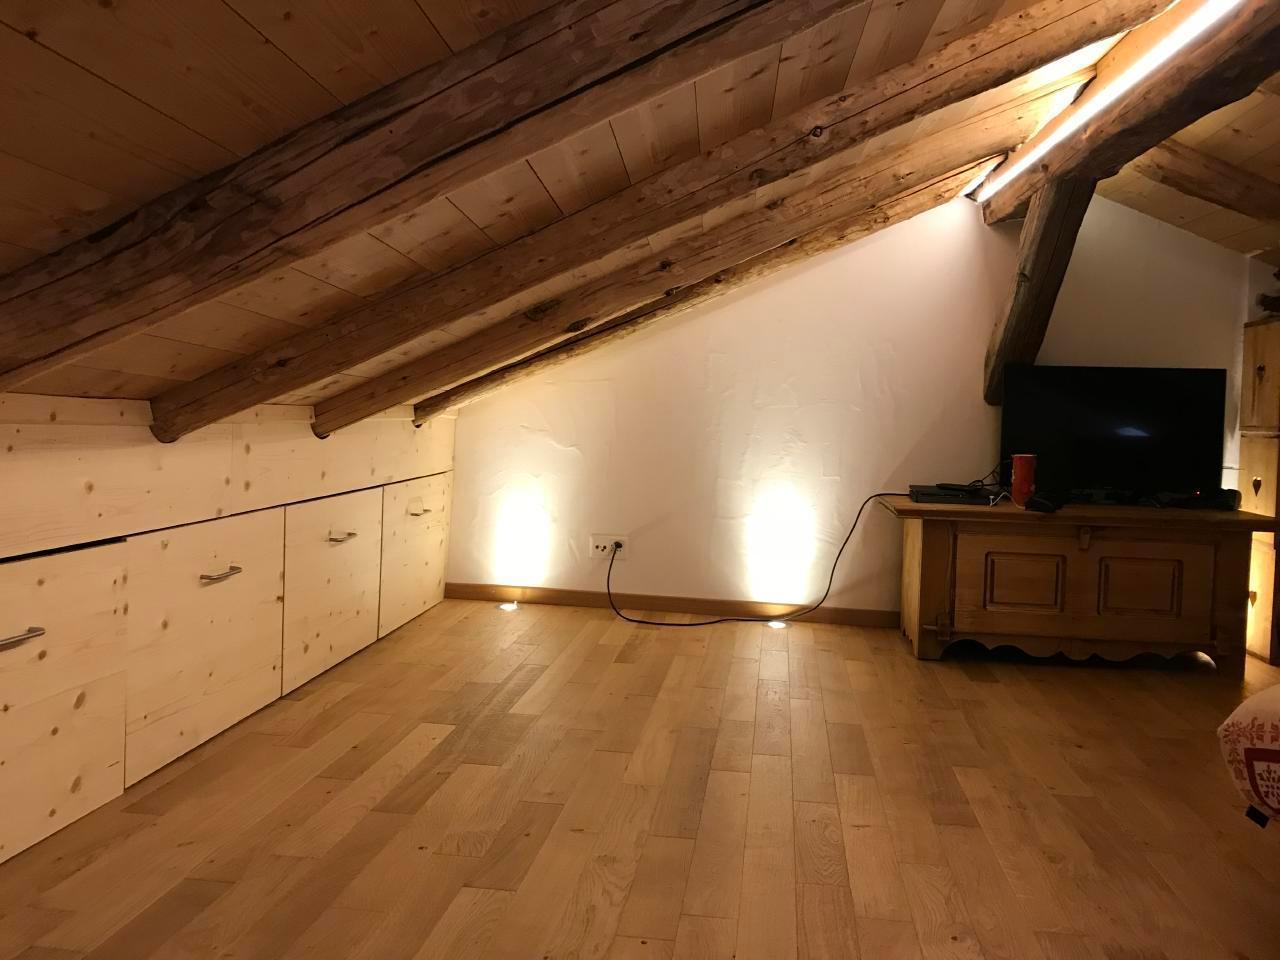 Ferienhaus Chalet Le Grandzon **** (bis 8 Personen) (2513703), Champex-Lac, Val d'Entremont, Wallis, Schweiz, Bild 7